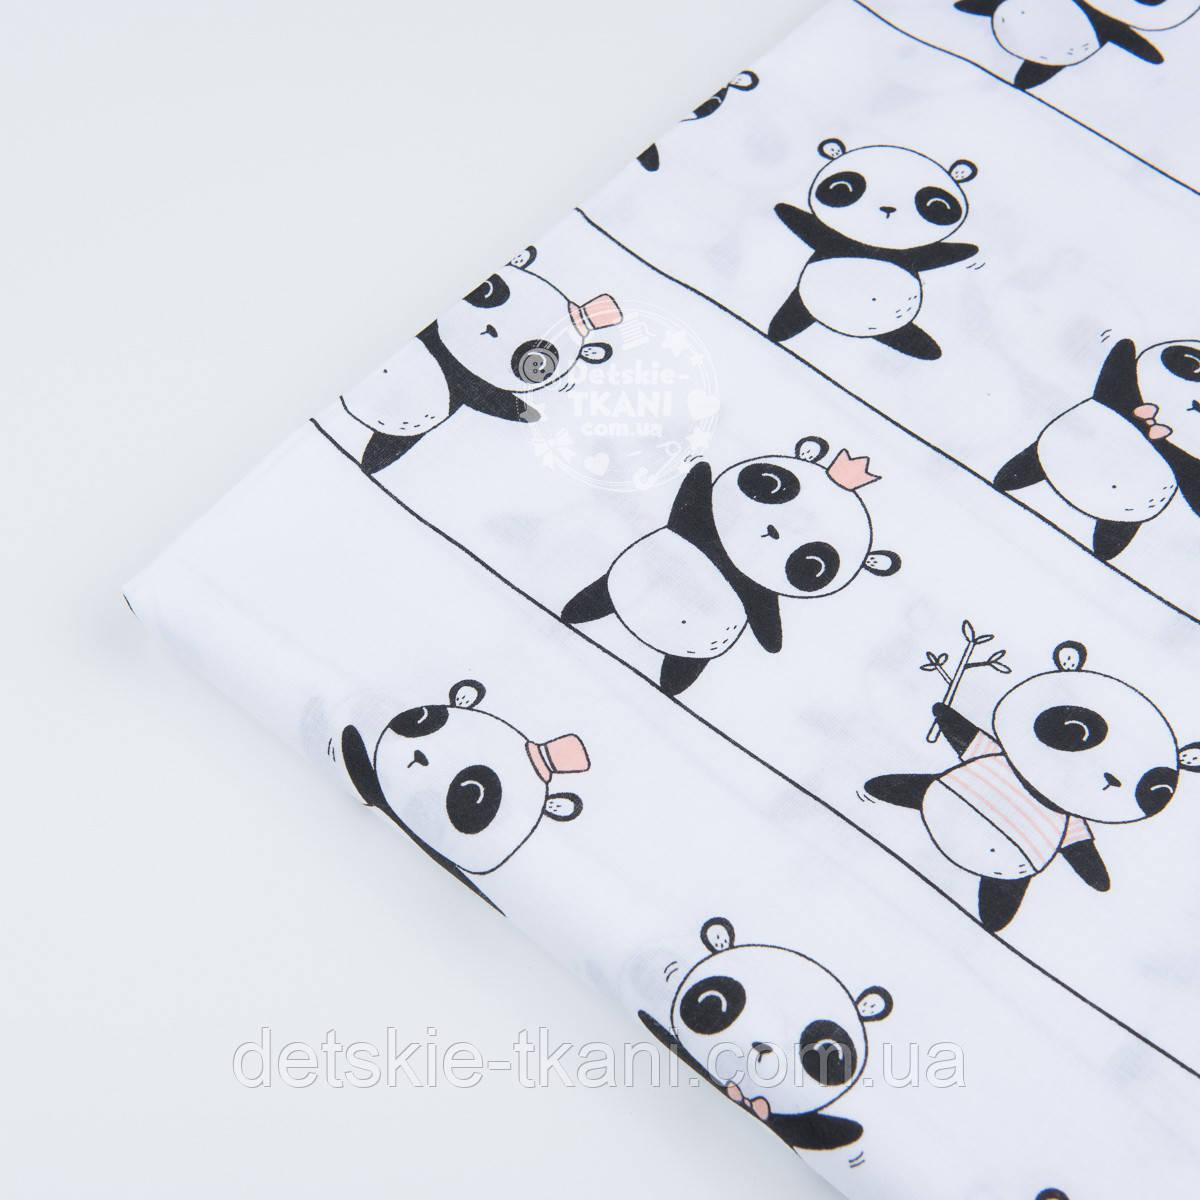 """Лоскут ткани """"Панды на линиях"""" на белом фоне  №1227а"""